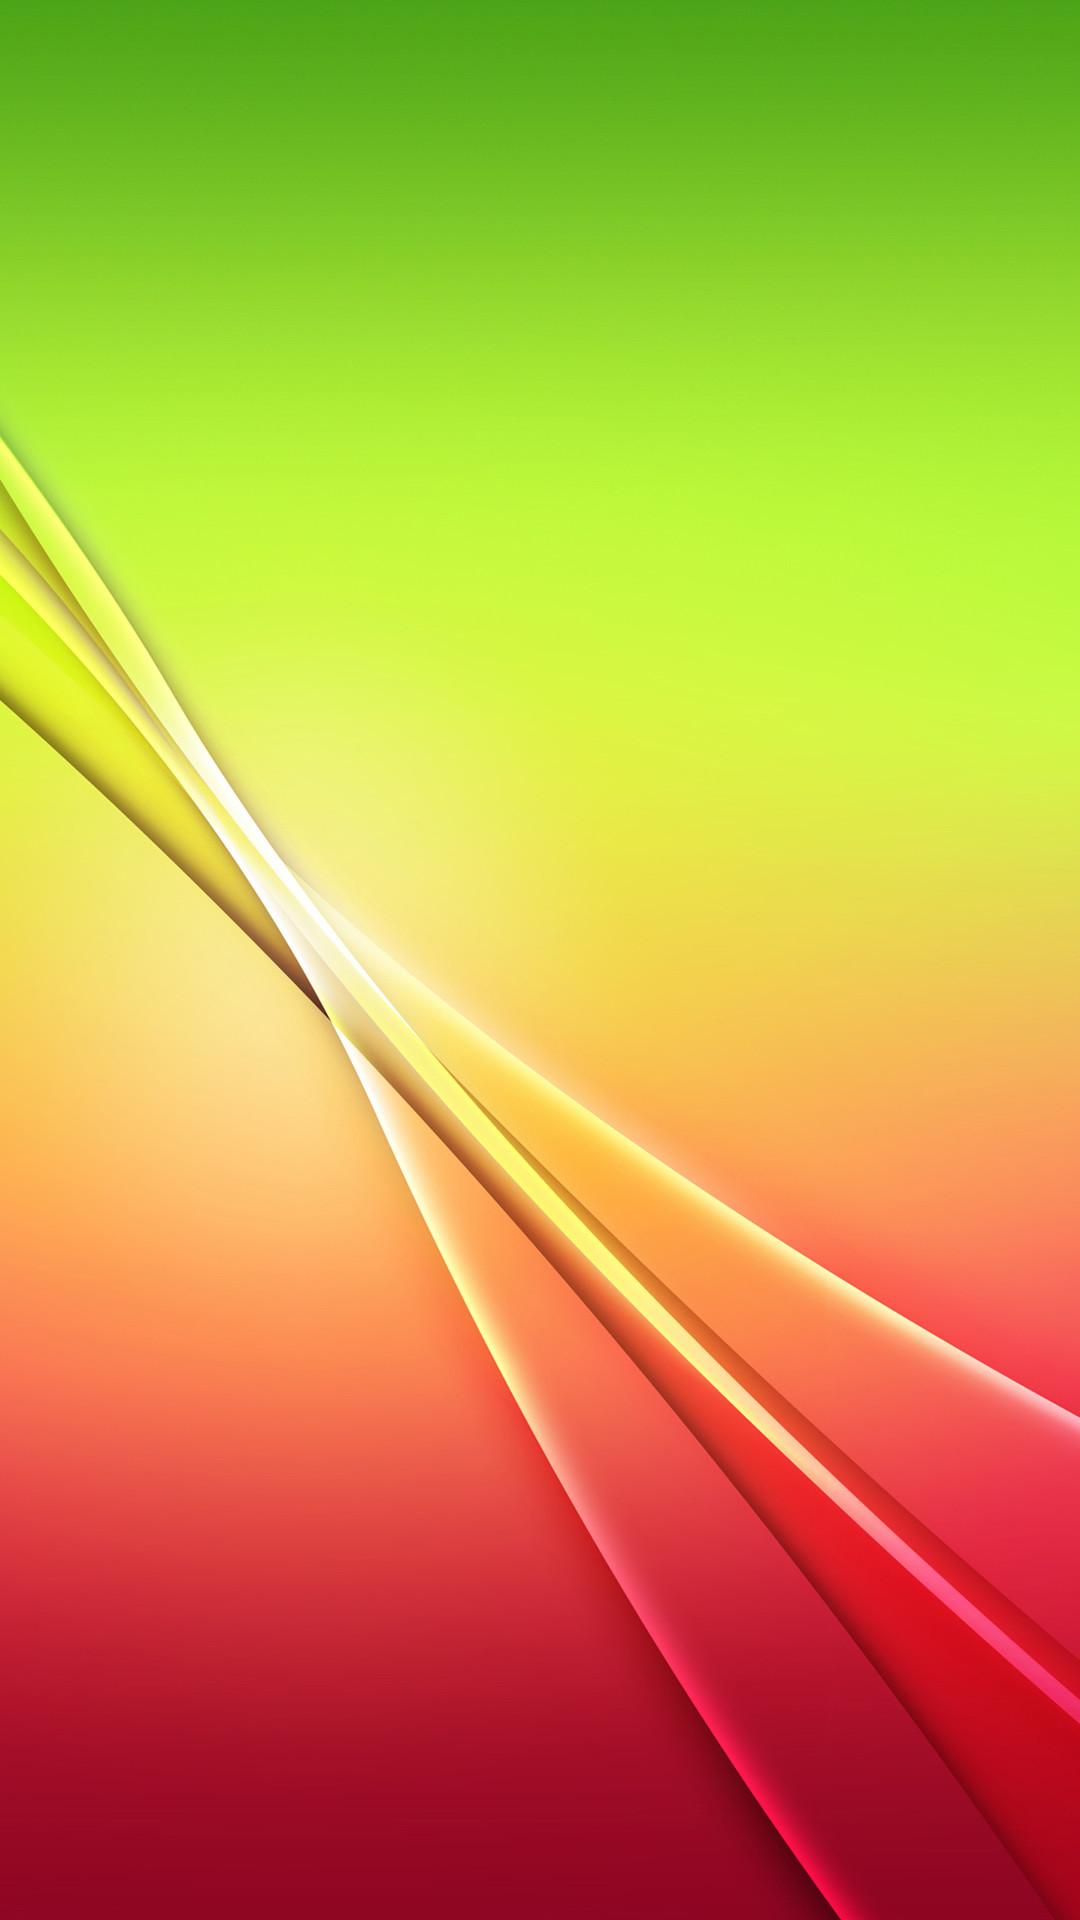 グリーンとレッドのシンプルな壁紙 : iPhone6用(4.7インチ)の壁紙